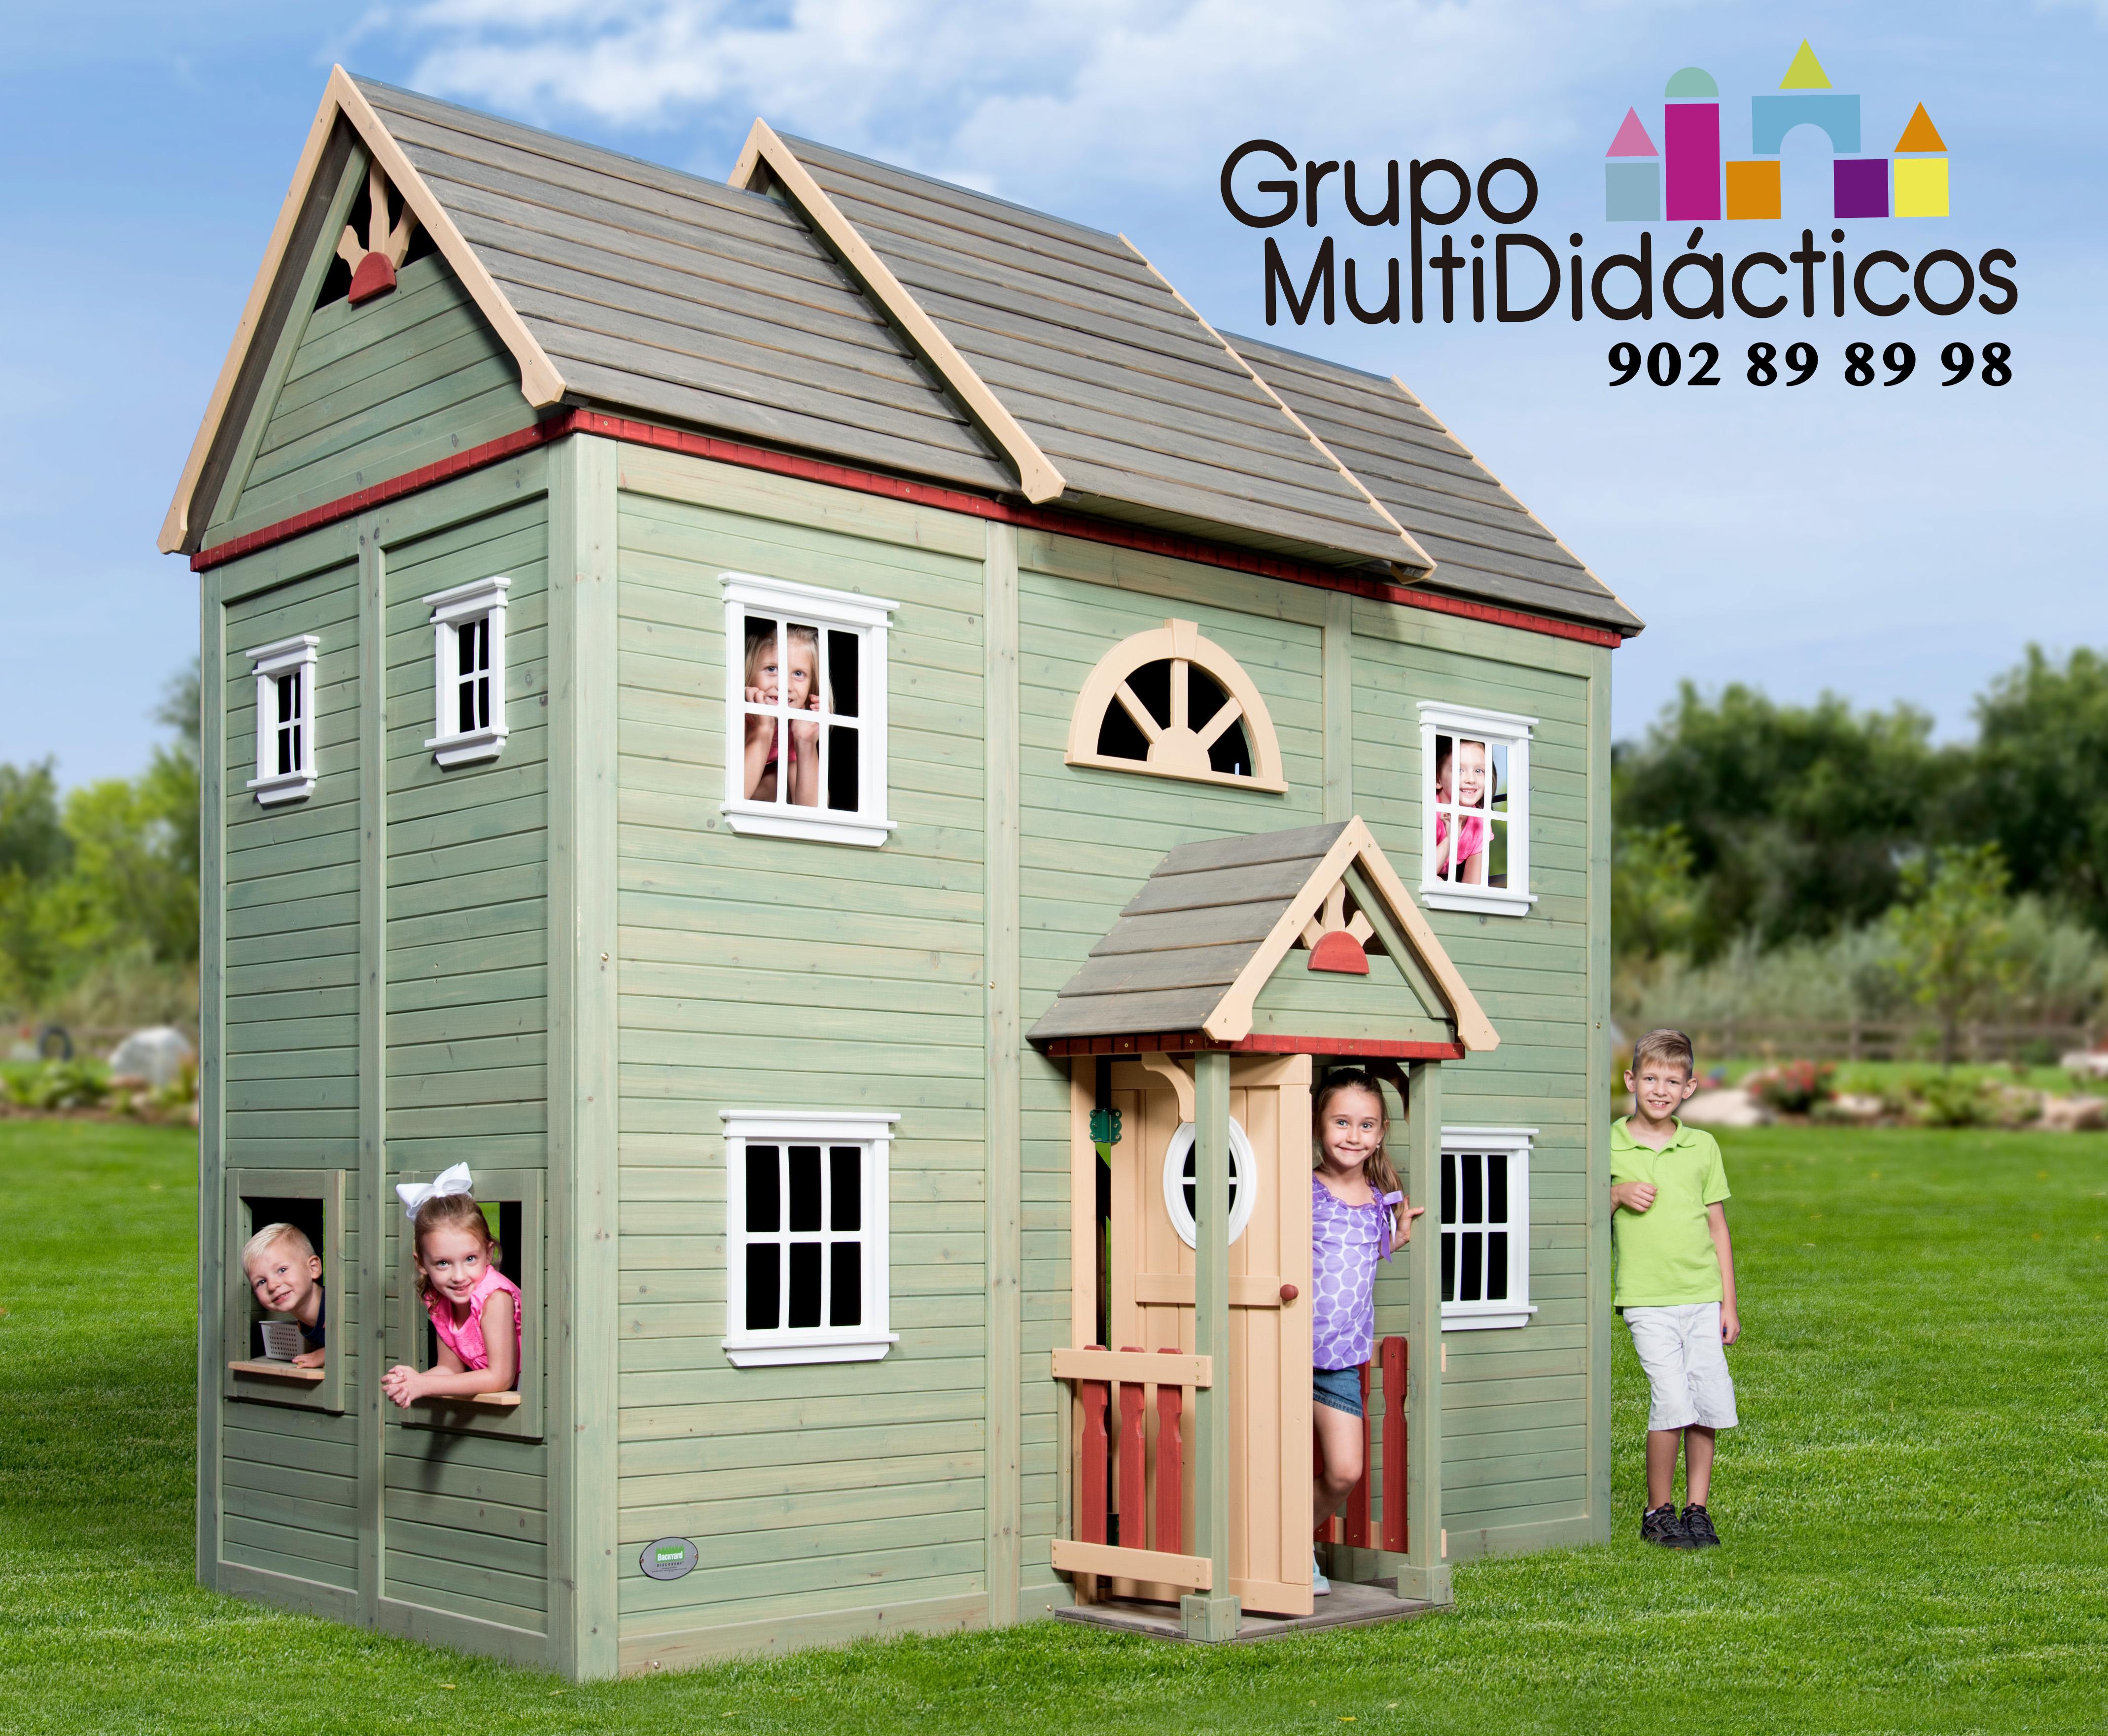 Casas de madera para ni os parque de bolas for Casitas de madera para ninos economicas